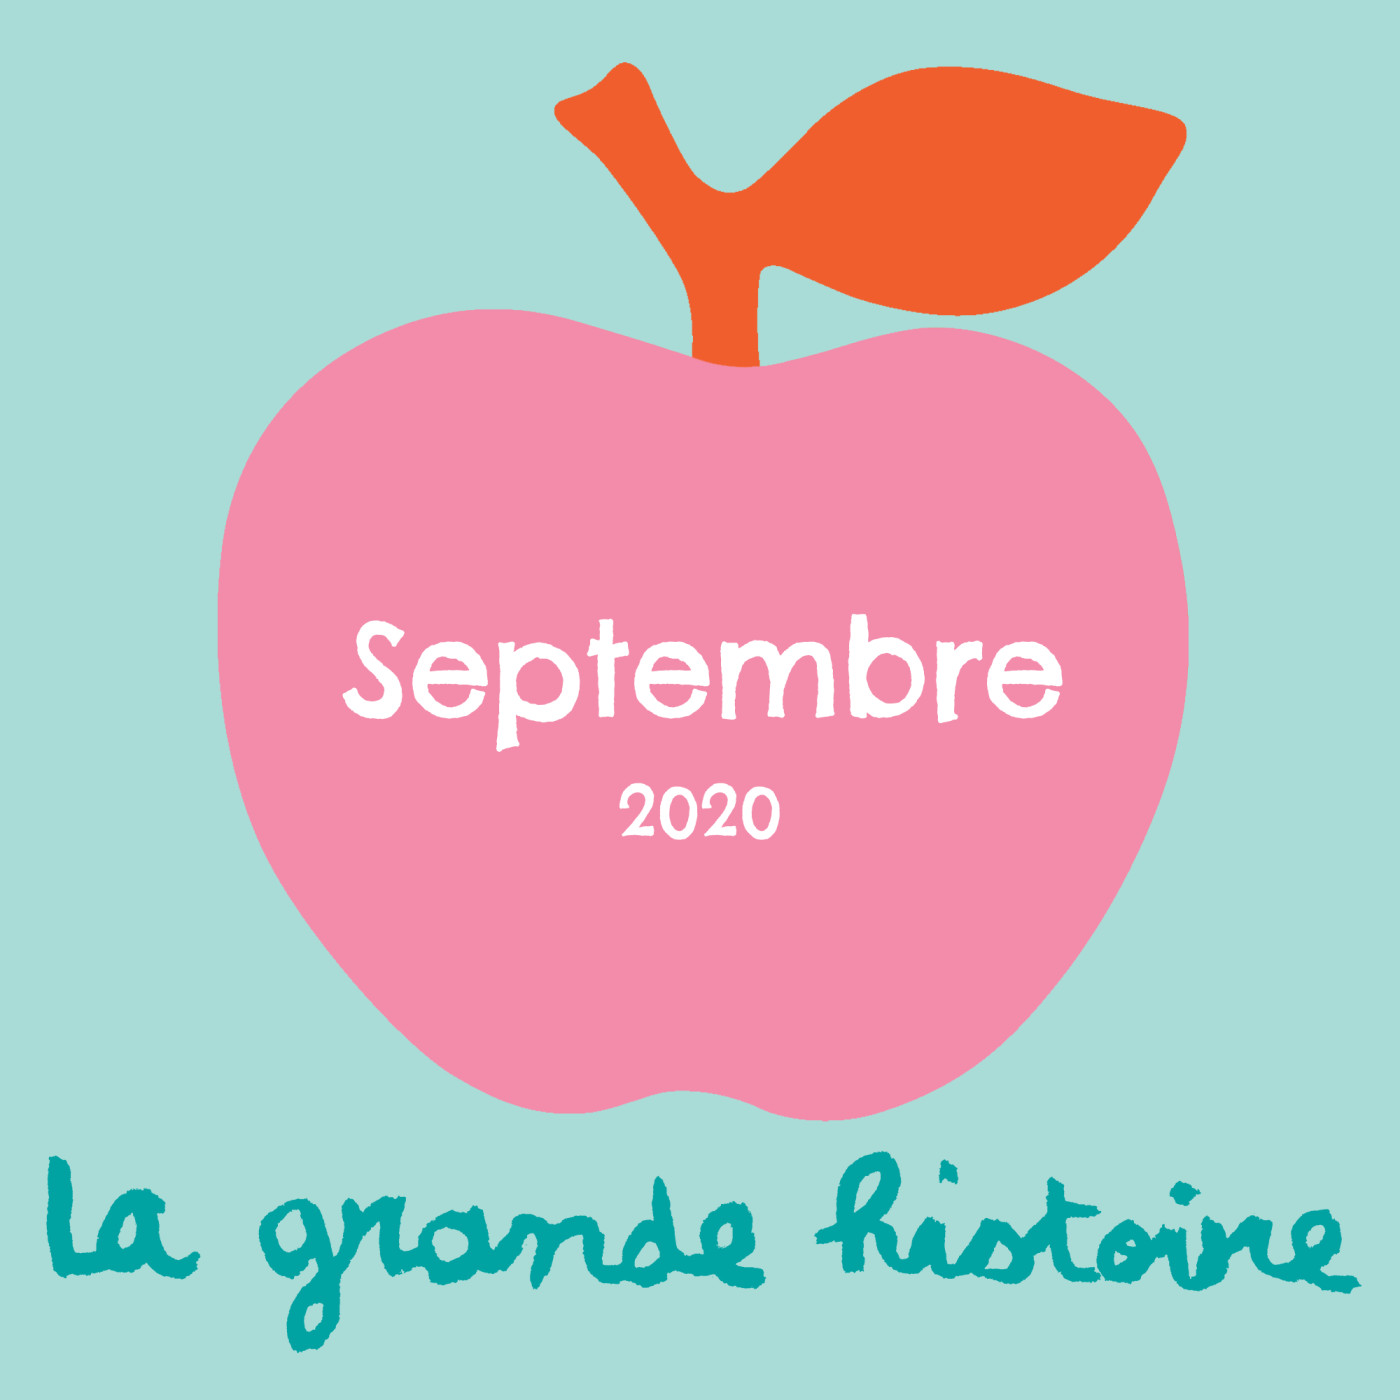 Septembre 2020 – La rentrée des poussins